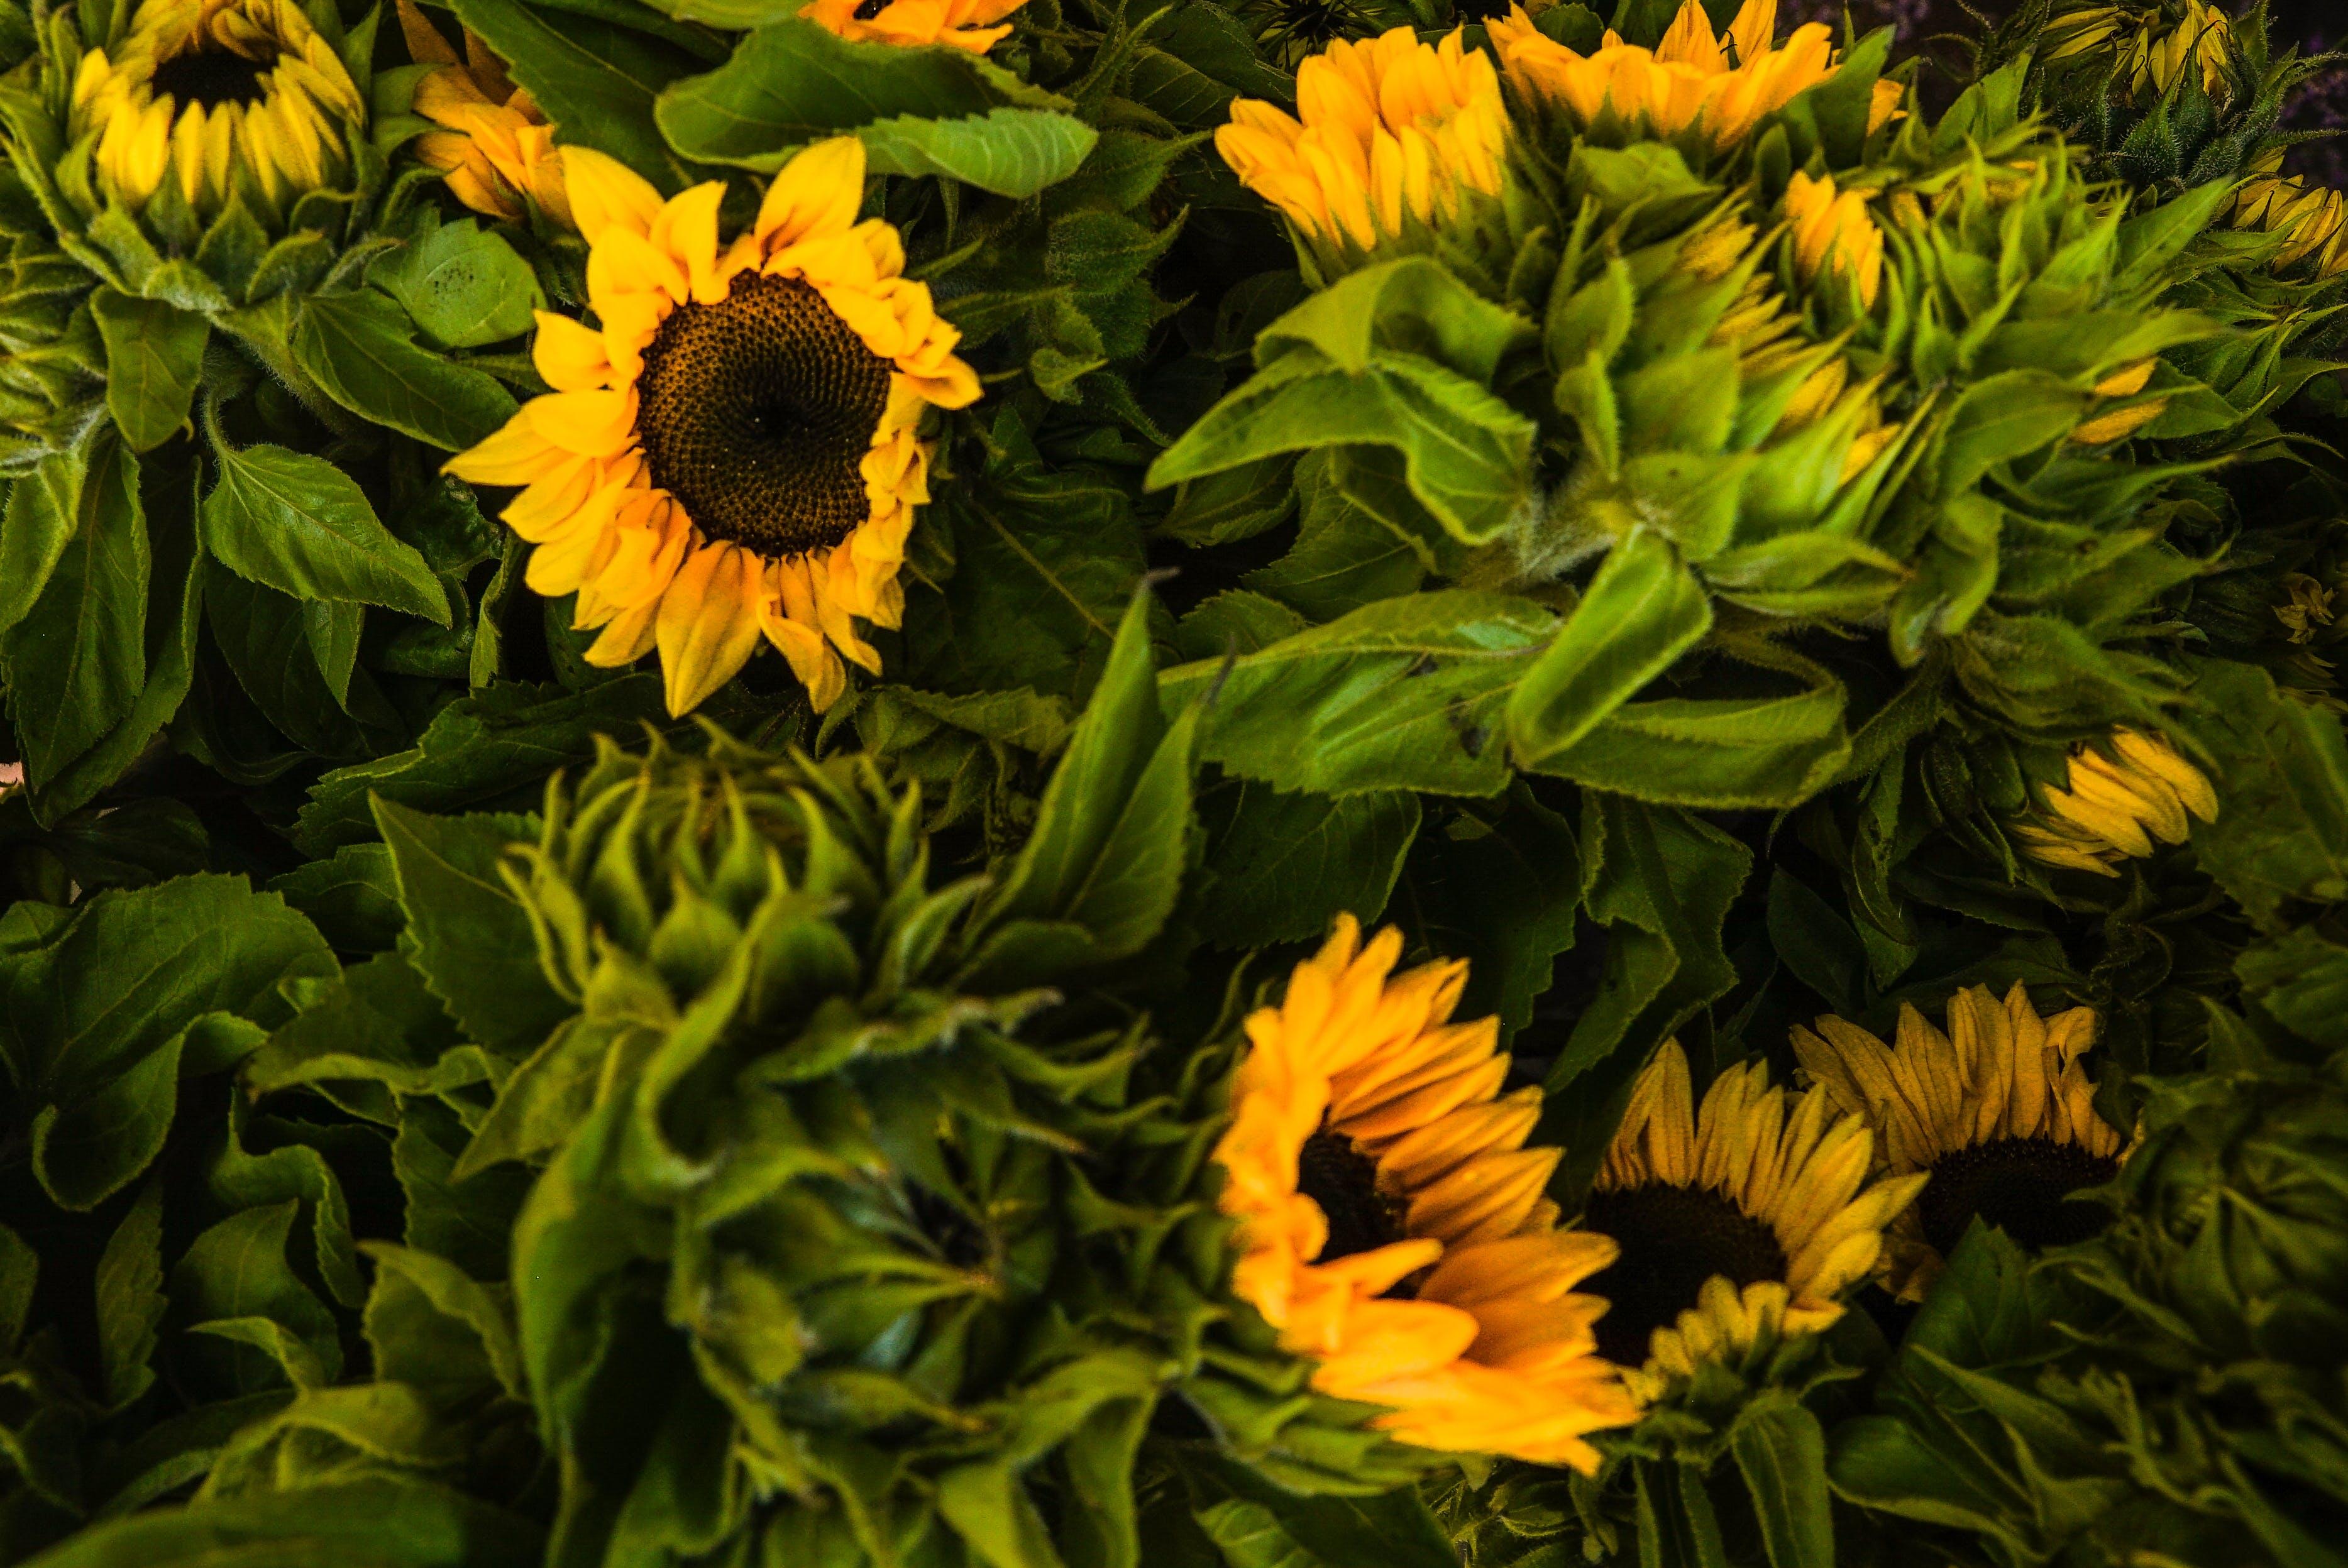 Gratis arkivbilde med attraktiv, blomster, blomsterbakgrunnsbilde, blomsterblad